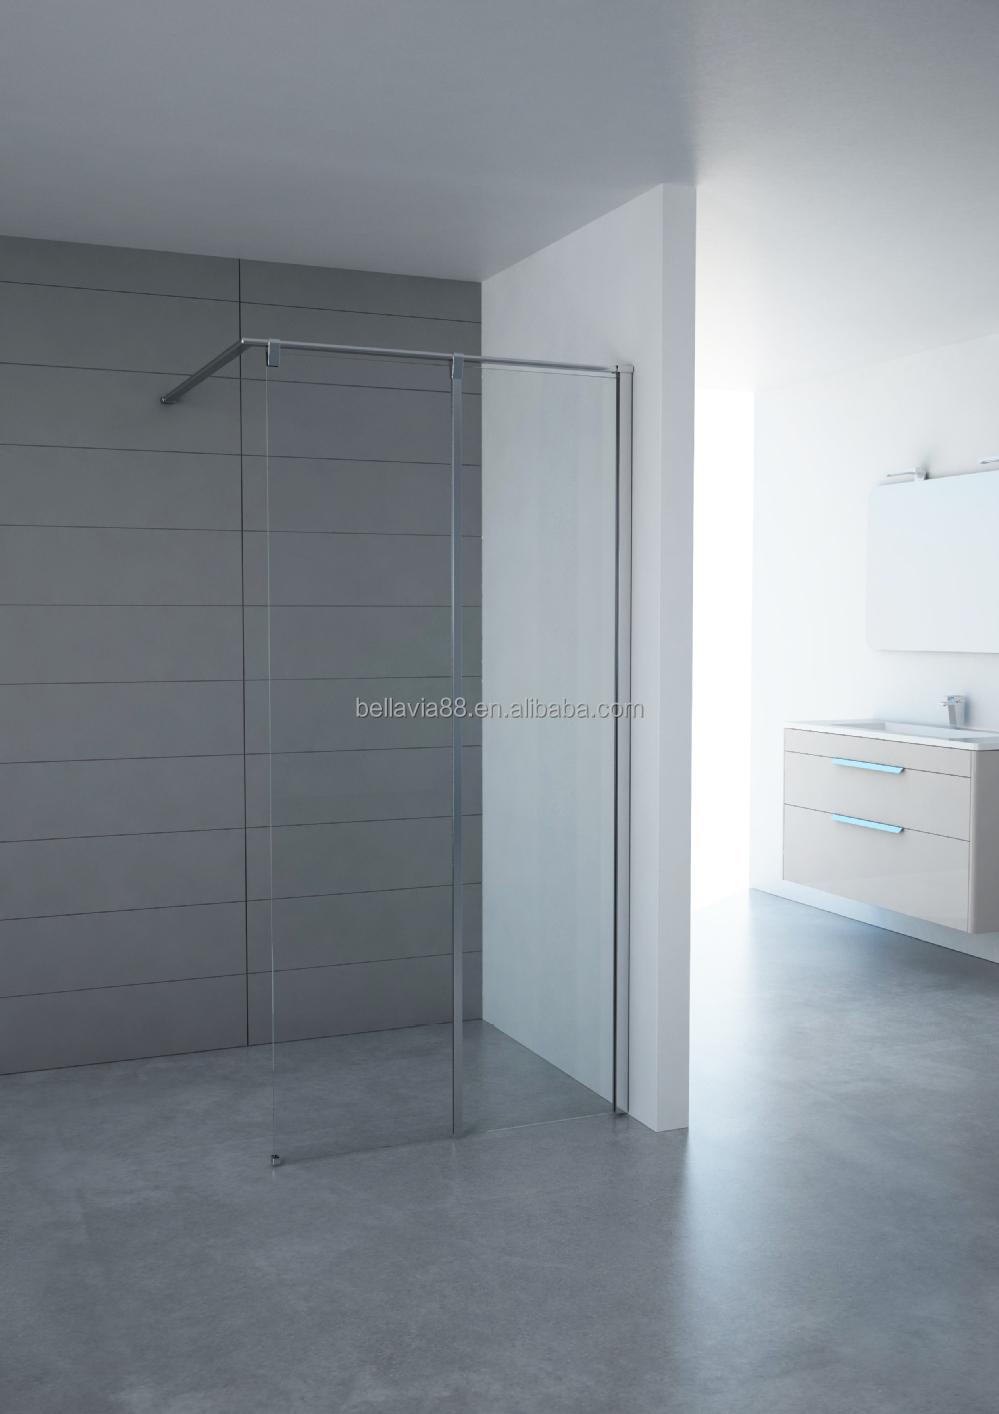 Bathroom Fixed Shower Doors Hinge